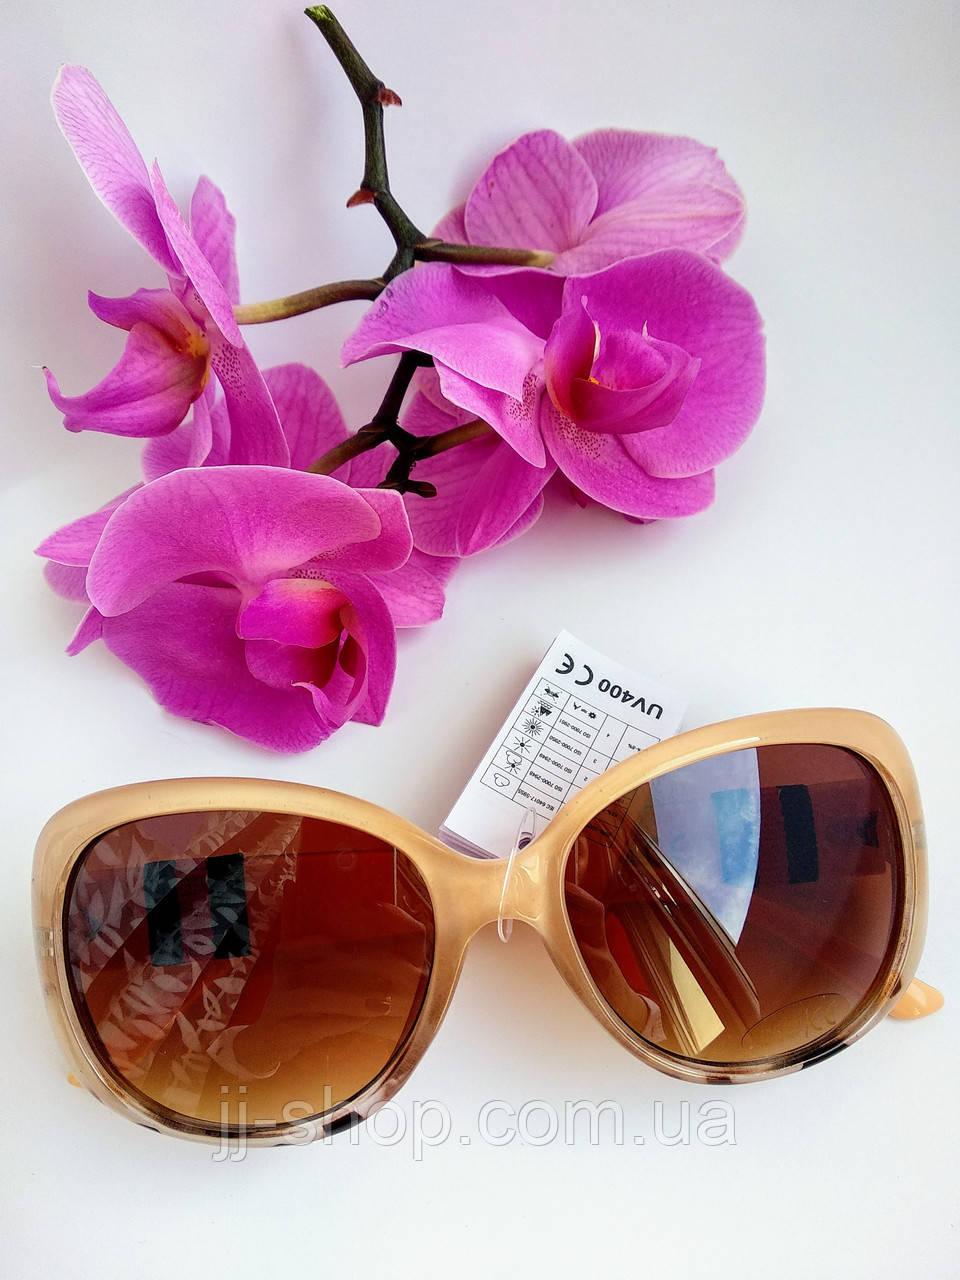 2f4e47d8eb75 Солнцезащитные очки Gucci бежевые поляризованные классика (071 ...